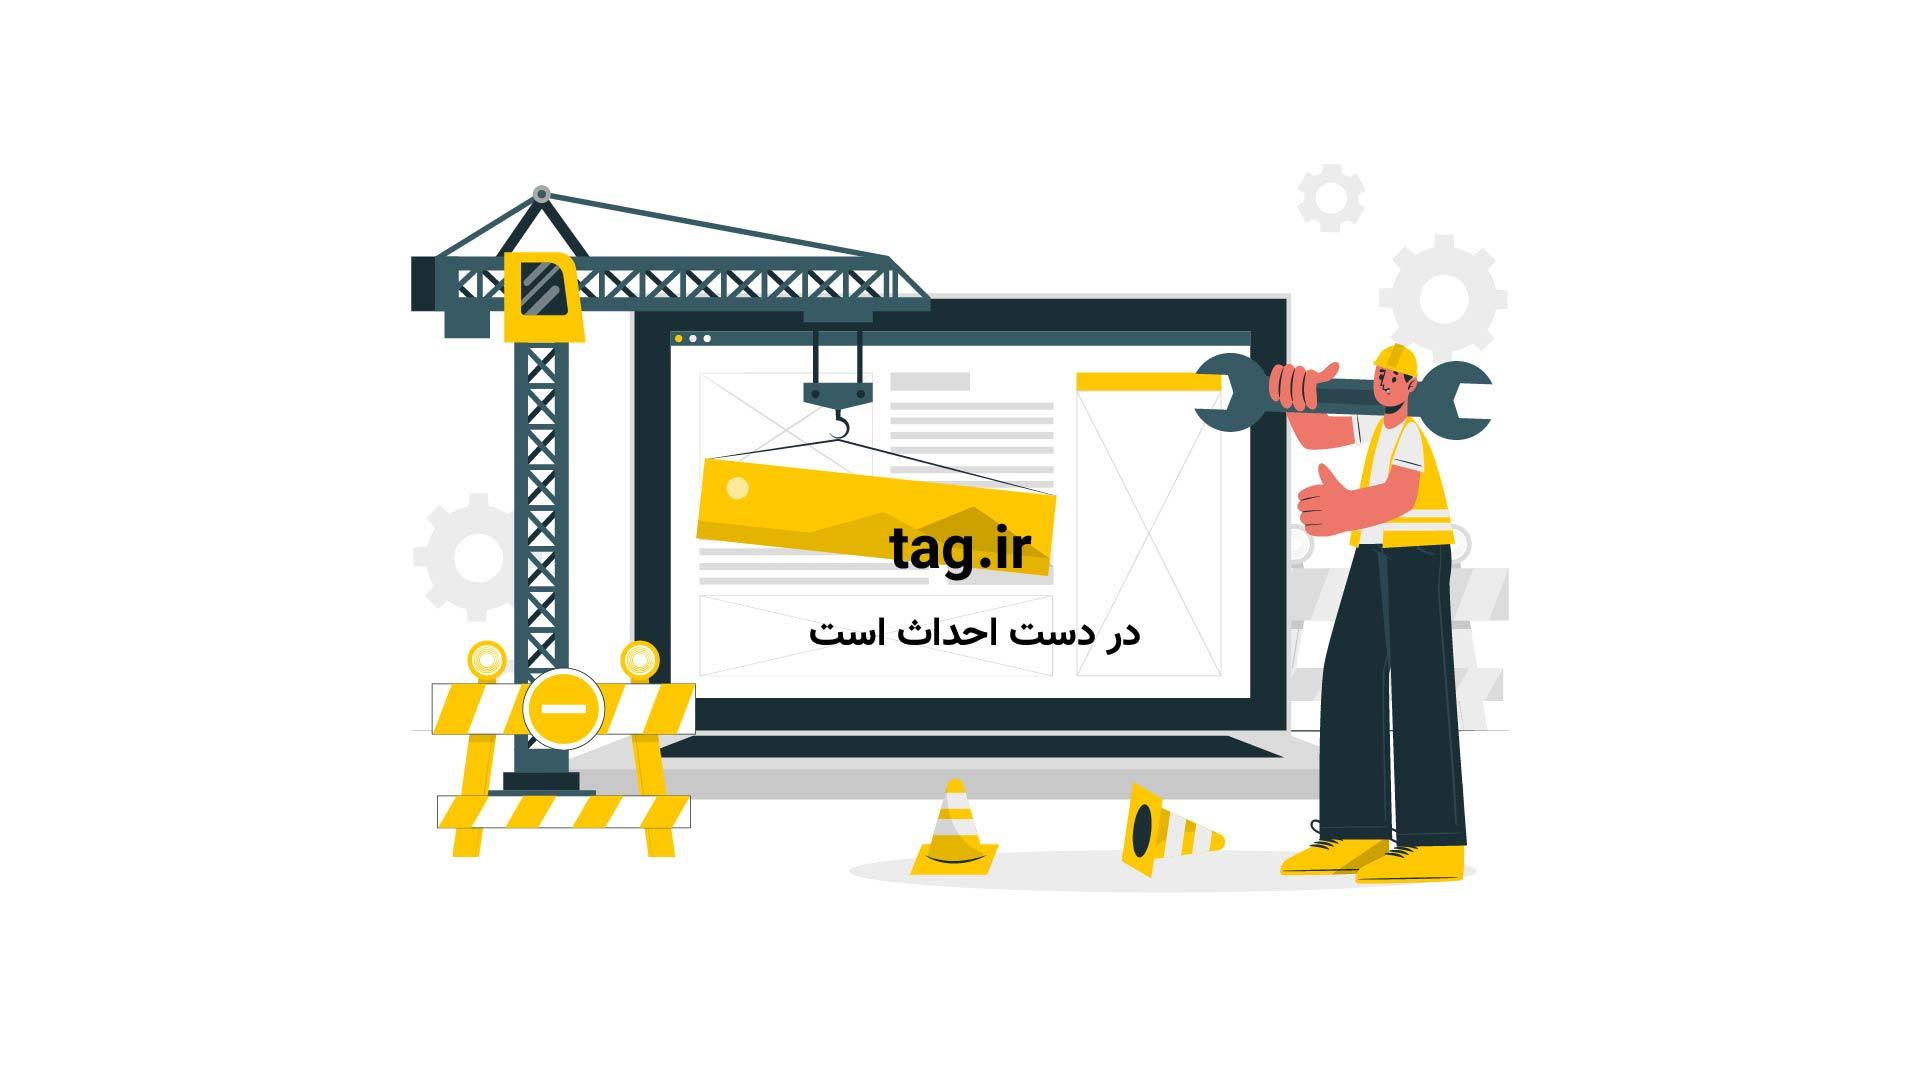 آبشار شکر آب | تگ